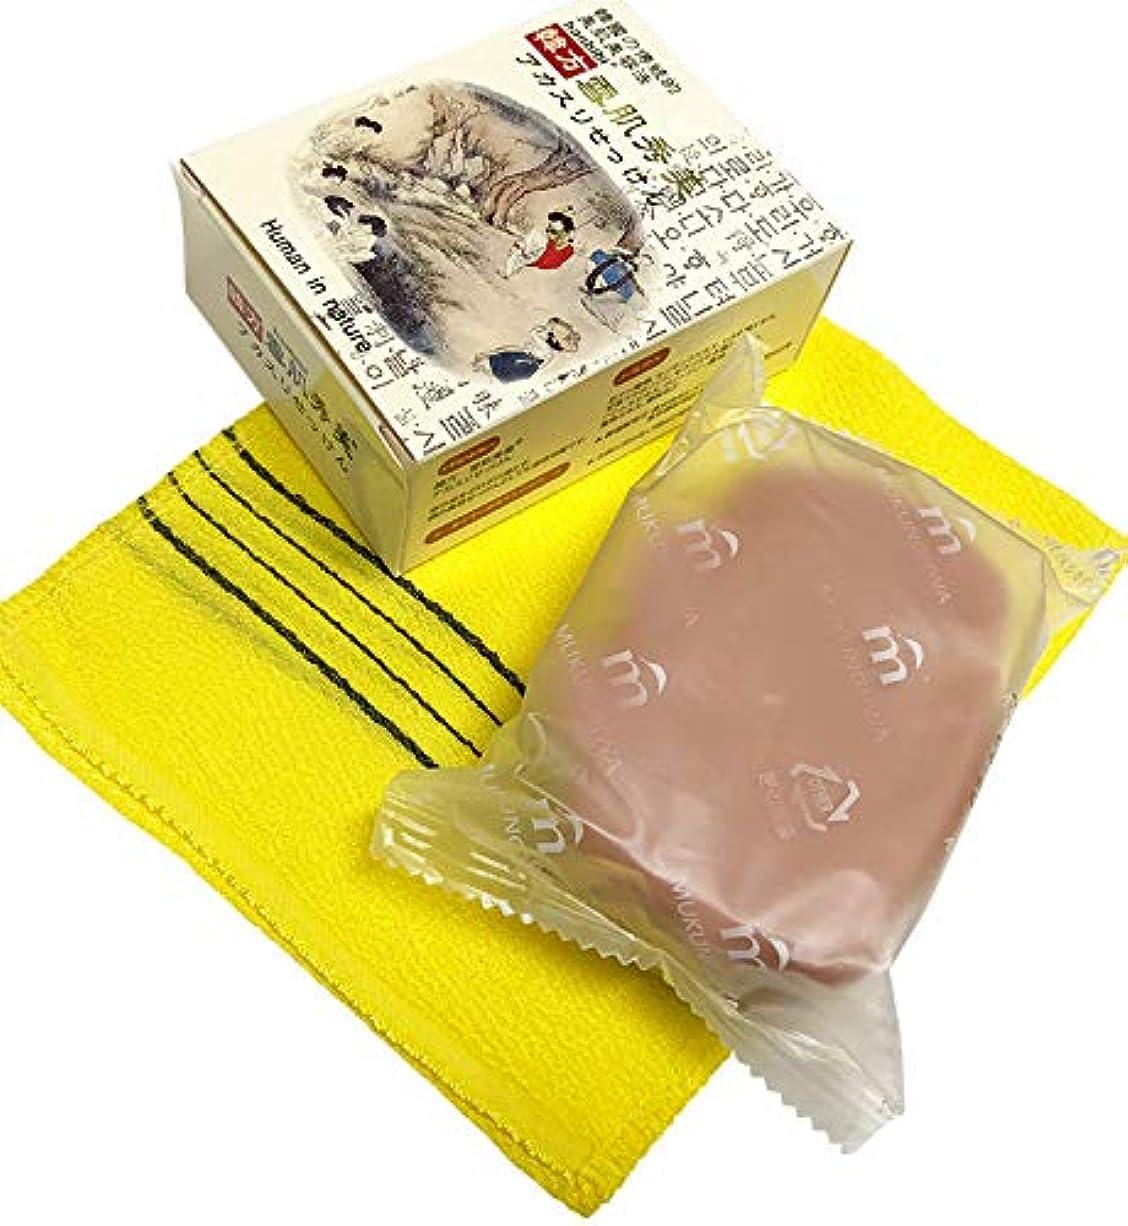 チョーク雪発生顔、体兼用、蜂蜜香りの韓方石ケン、韓国コスメ 韓方[雪肌美]蜂蜜アカスリせっけん アカスリ専用タオル付き